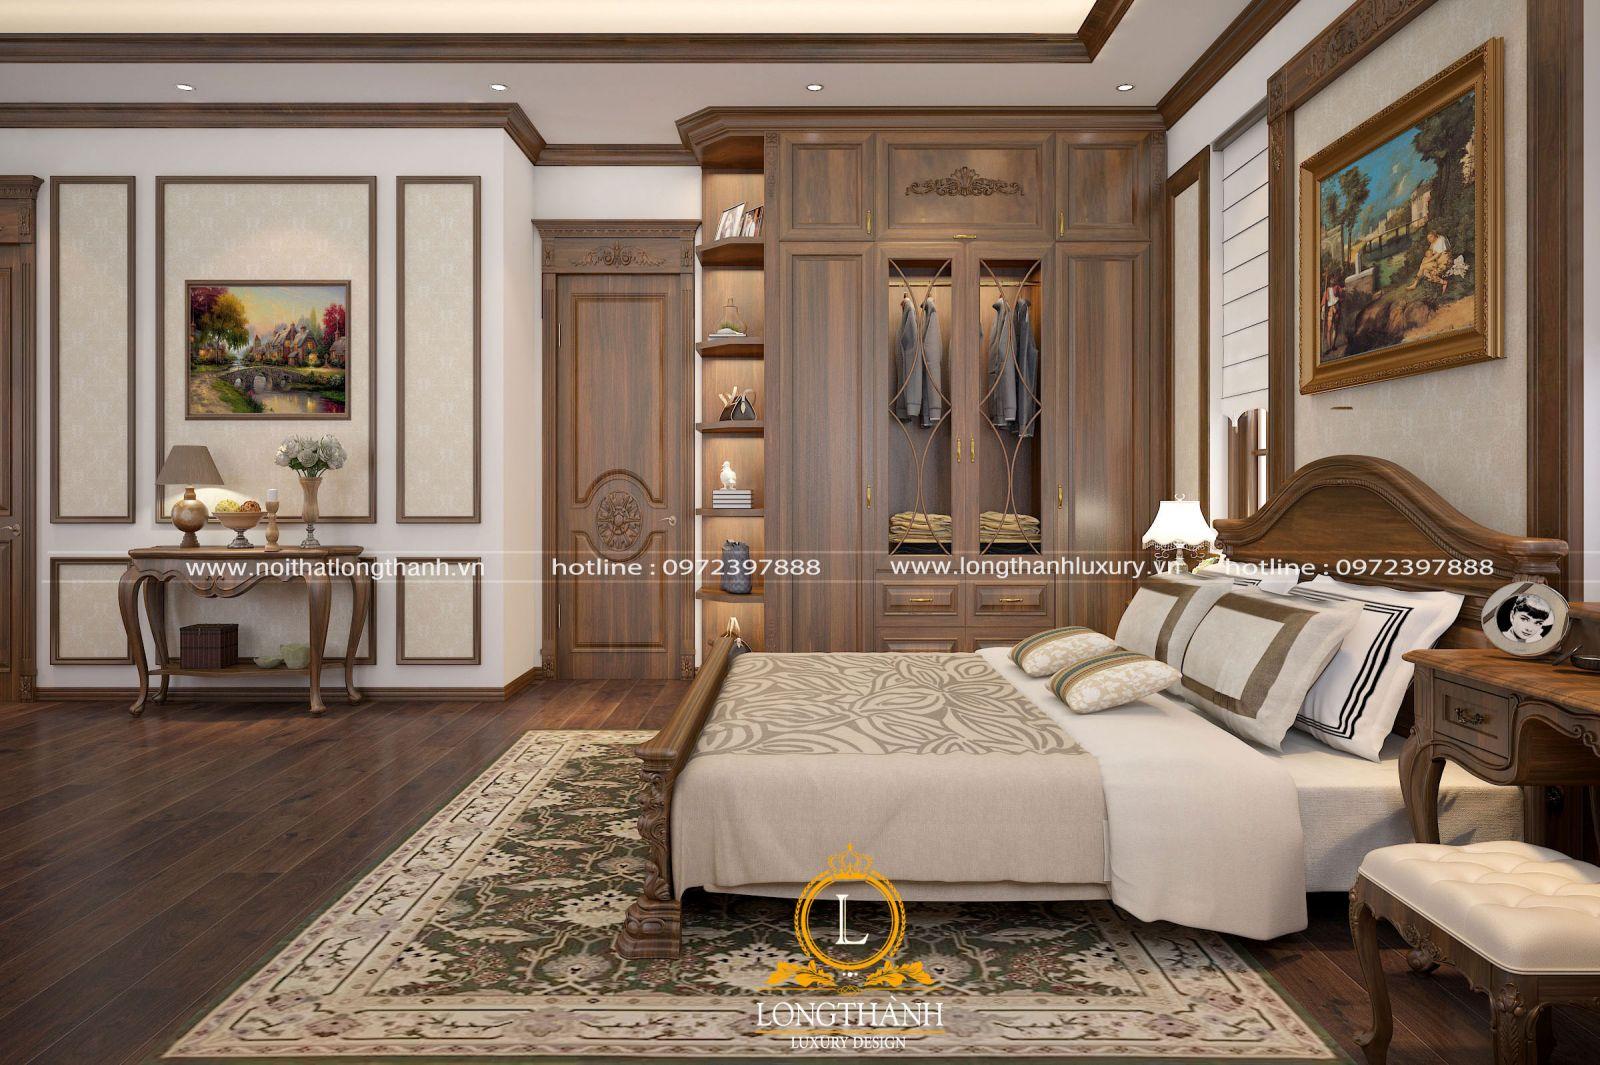 Combo giường tủ tân cổ điển từ gỗ tự nhiên